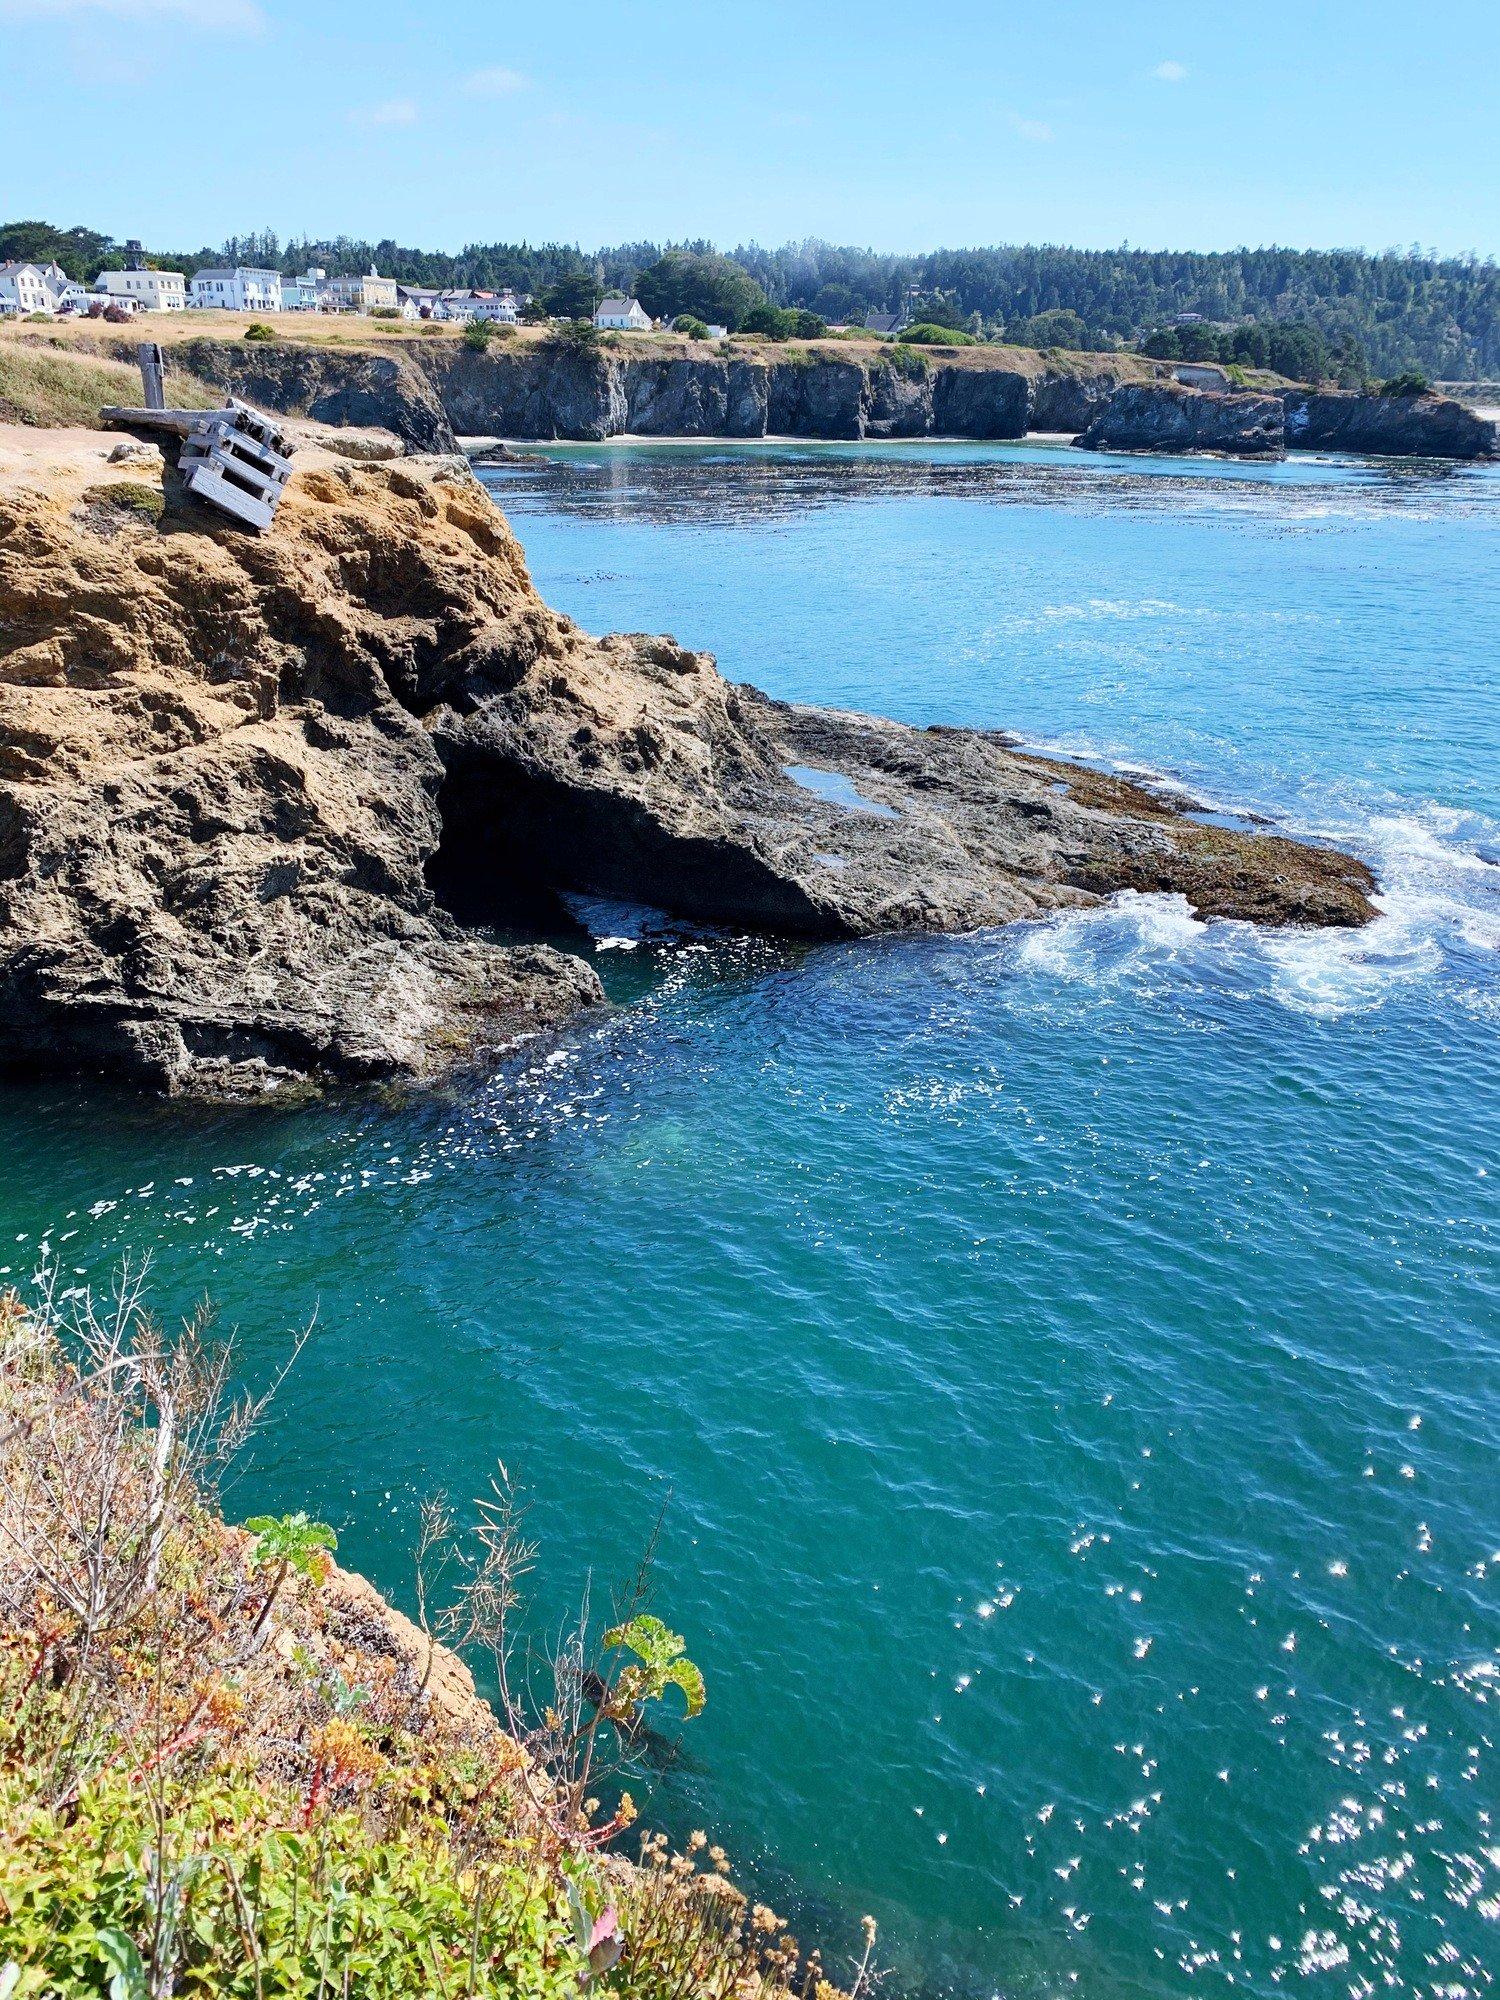 Mendocino Headlands, coastline